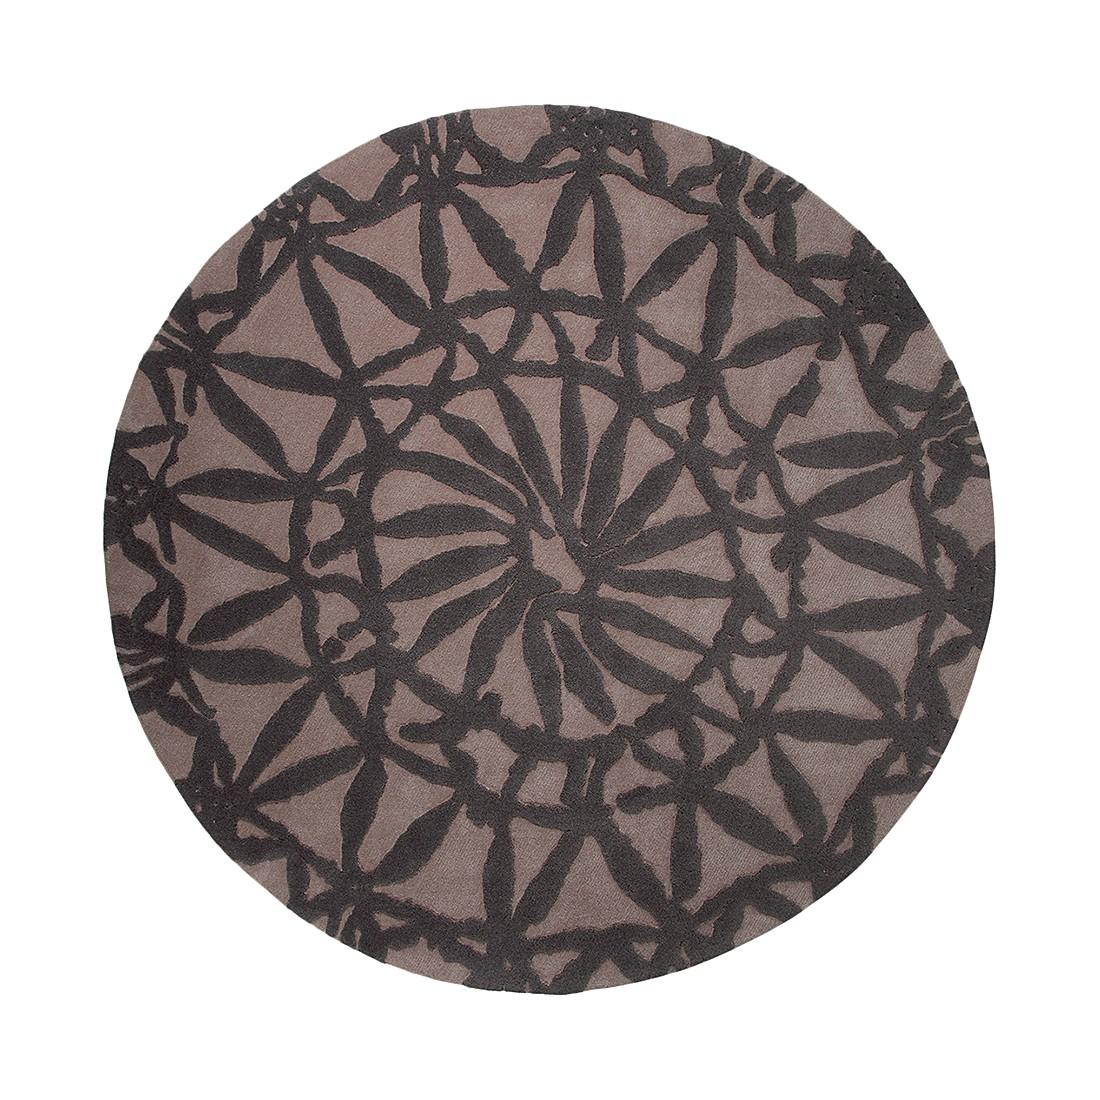 Teppich Oriental Lounge – Taupe – 200 cm x 200 cm, Esprit Home bestellen